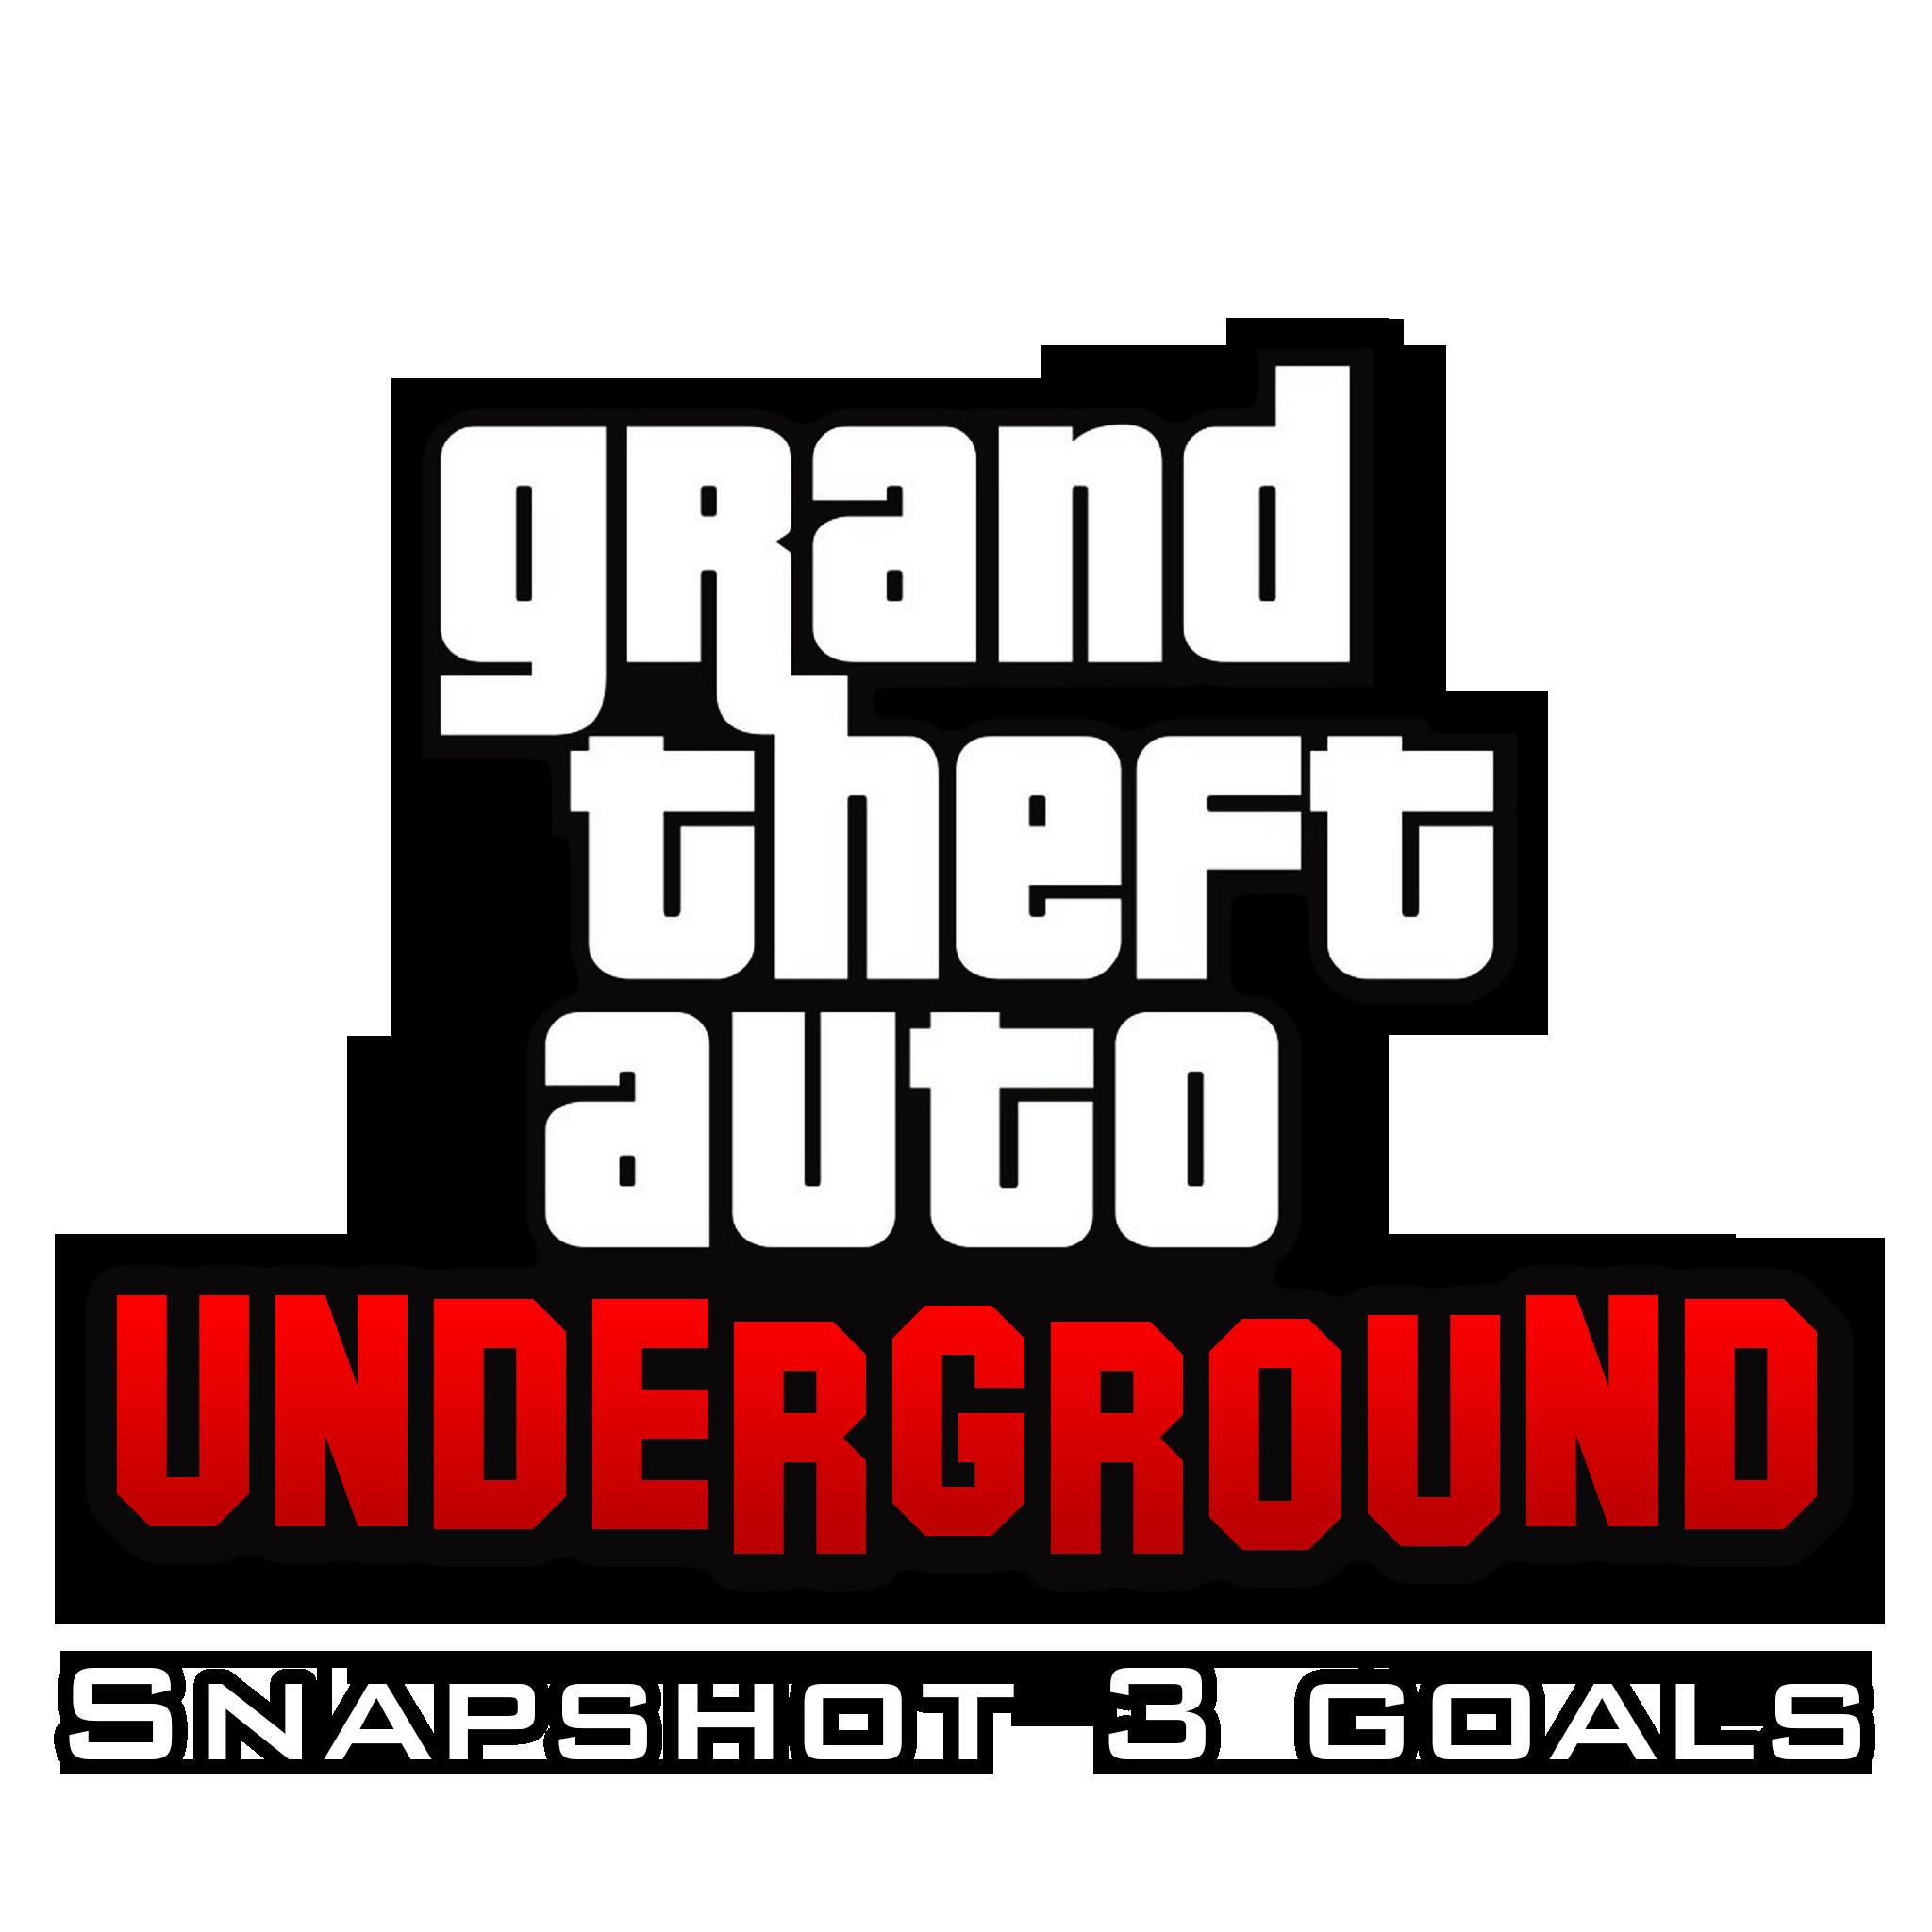 SNAPSHOT_3_goals.png